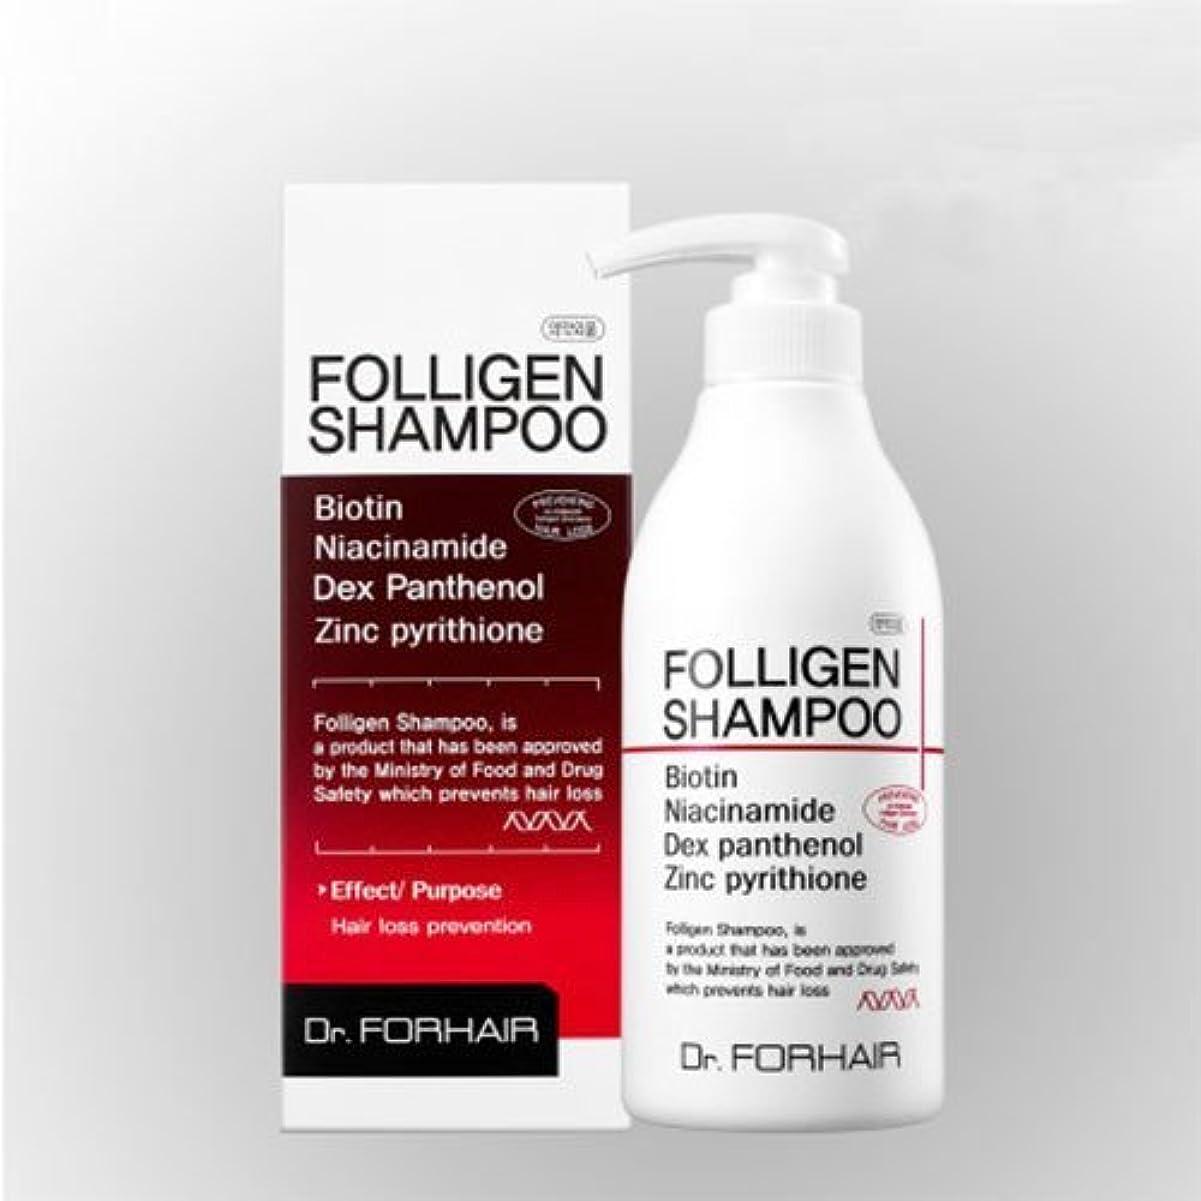 独立配分延期するダクト?フォーヘア ポルリジェン シャンプー500ml 脱毛防止シャンプー[並行輸入品] / Dr. Forhair Folligen Shampoo 500ml (16.9 fl.oz.) for Hair Loss...